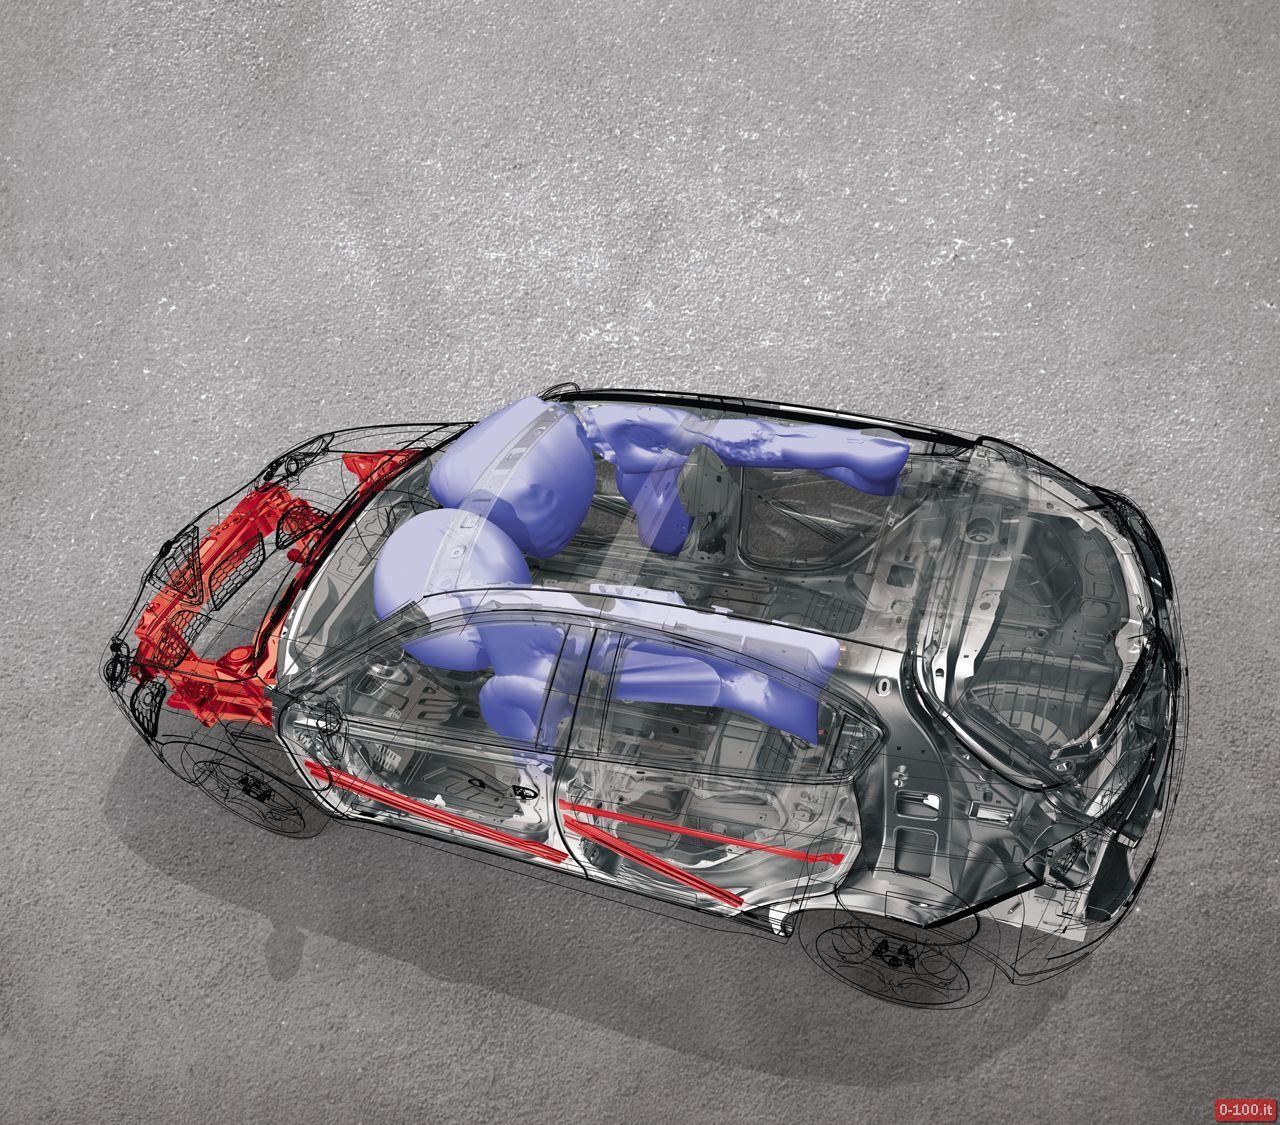 alfa-romeo-mito-giulietta-model-year-2014_0-100_30